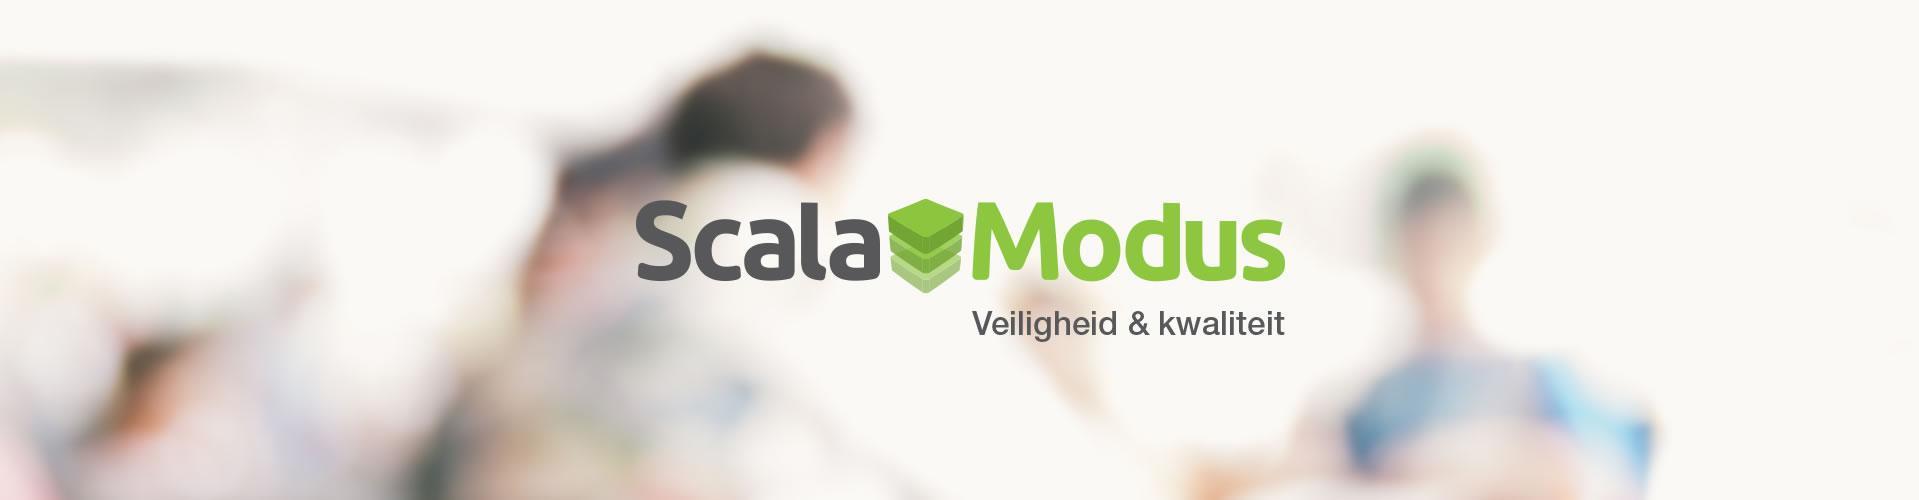 Scala Modus - Veiligheid & Kwaliteit